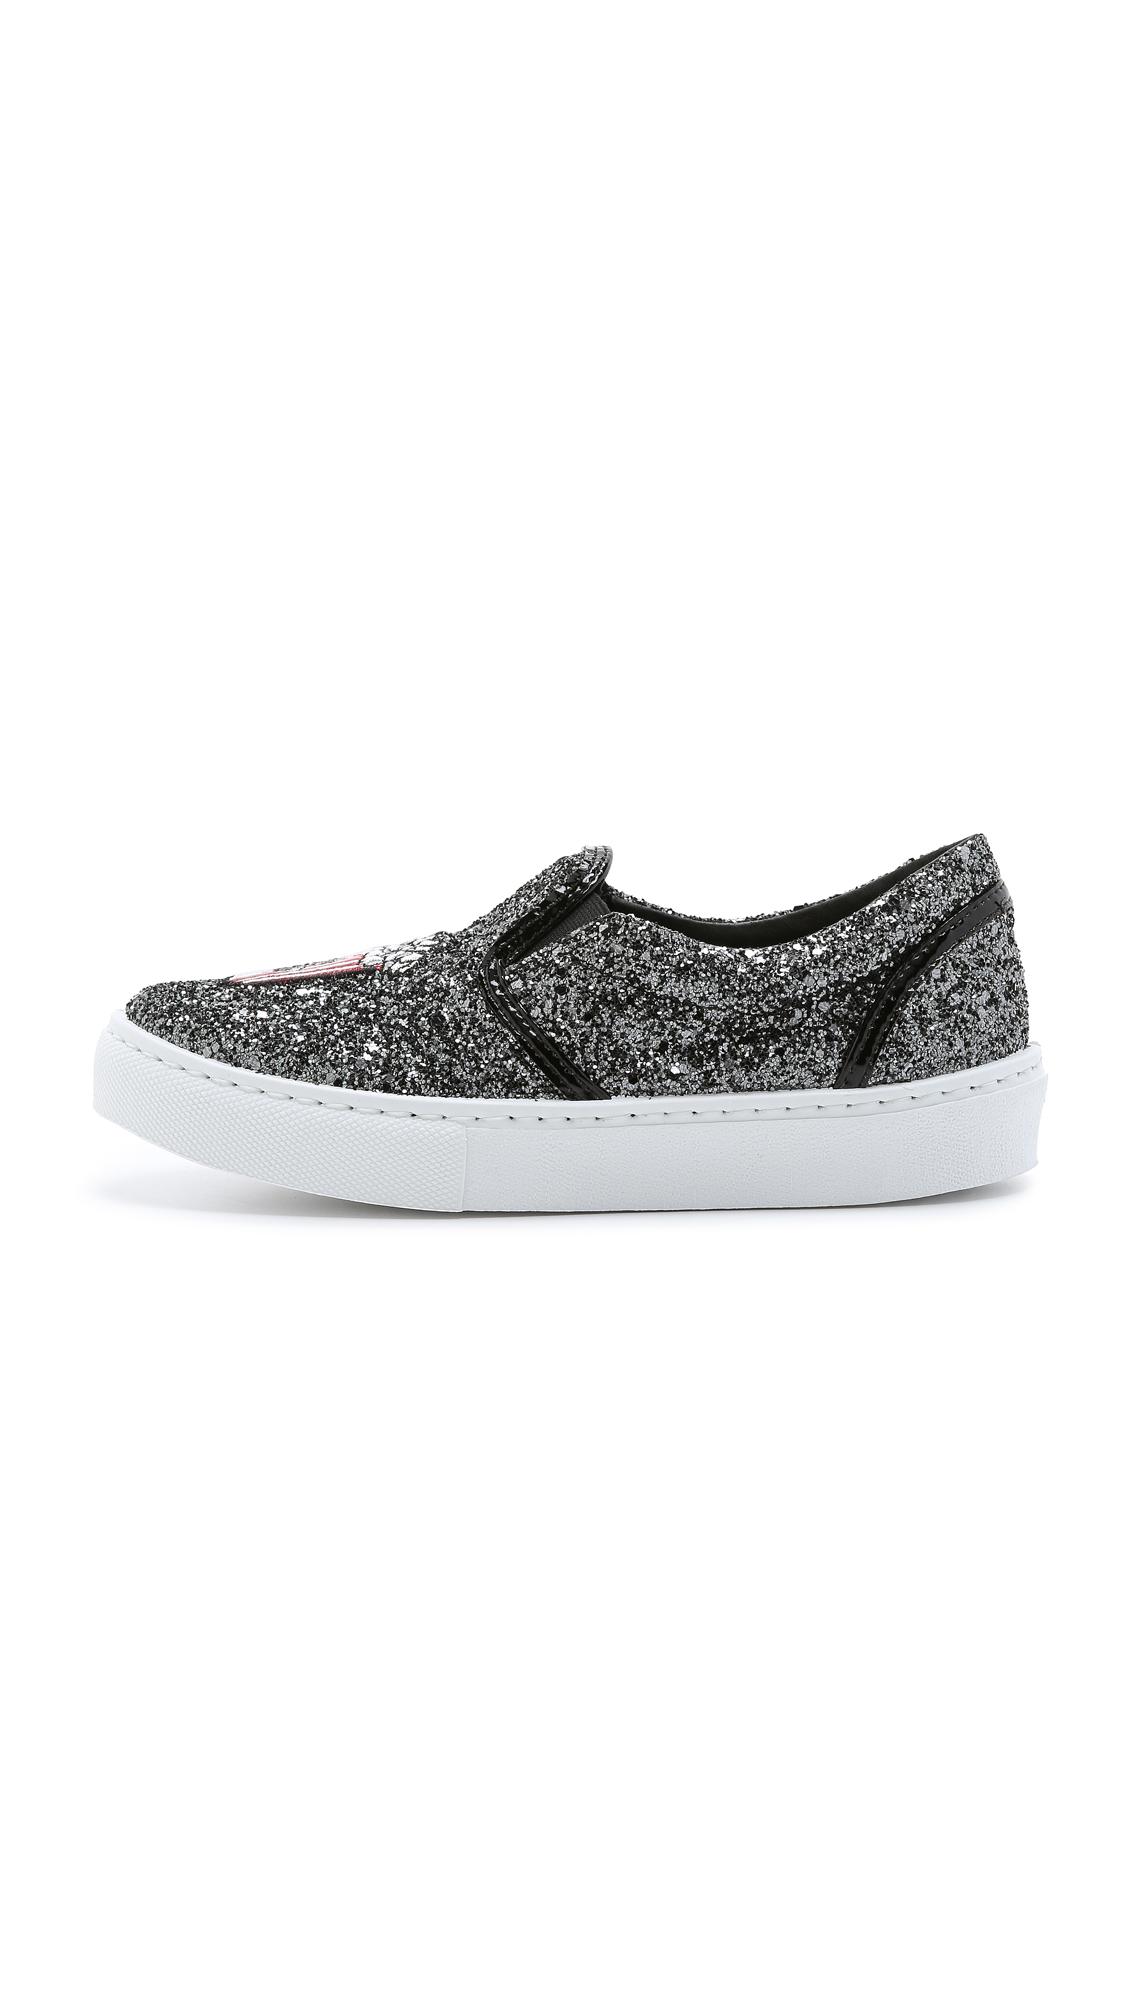 Chiara Ferragni Popcorn & Soda Slip On Sneakers - Charcoal in Black